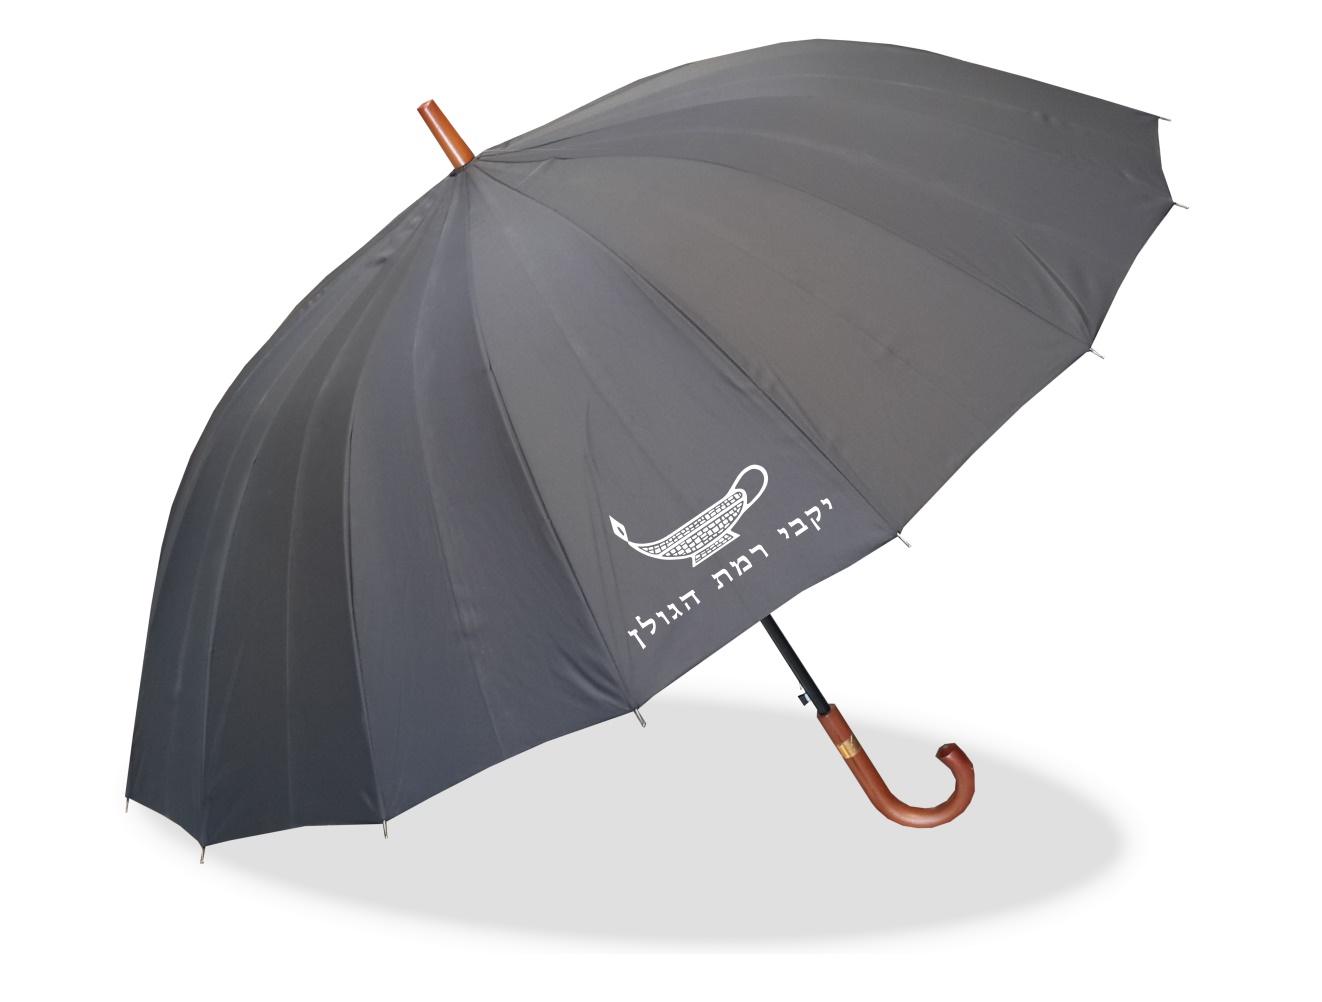 מטריה מסיליקון | מטרייה 12 צלעות איכותית